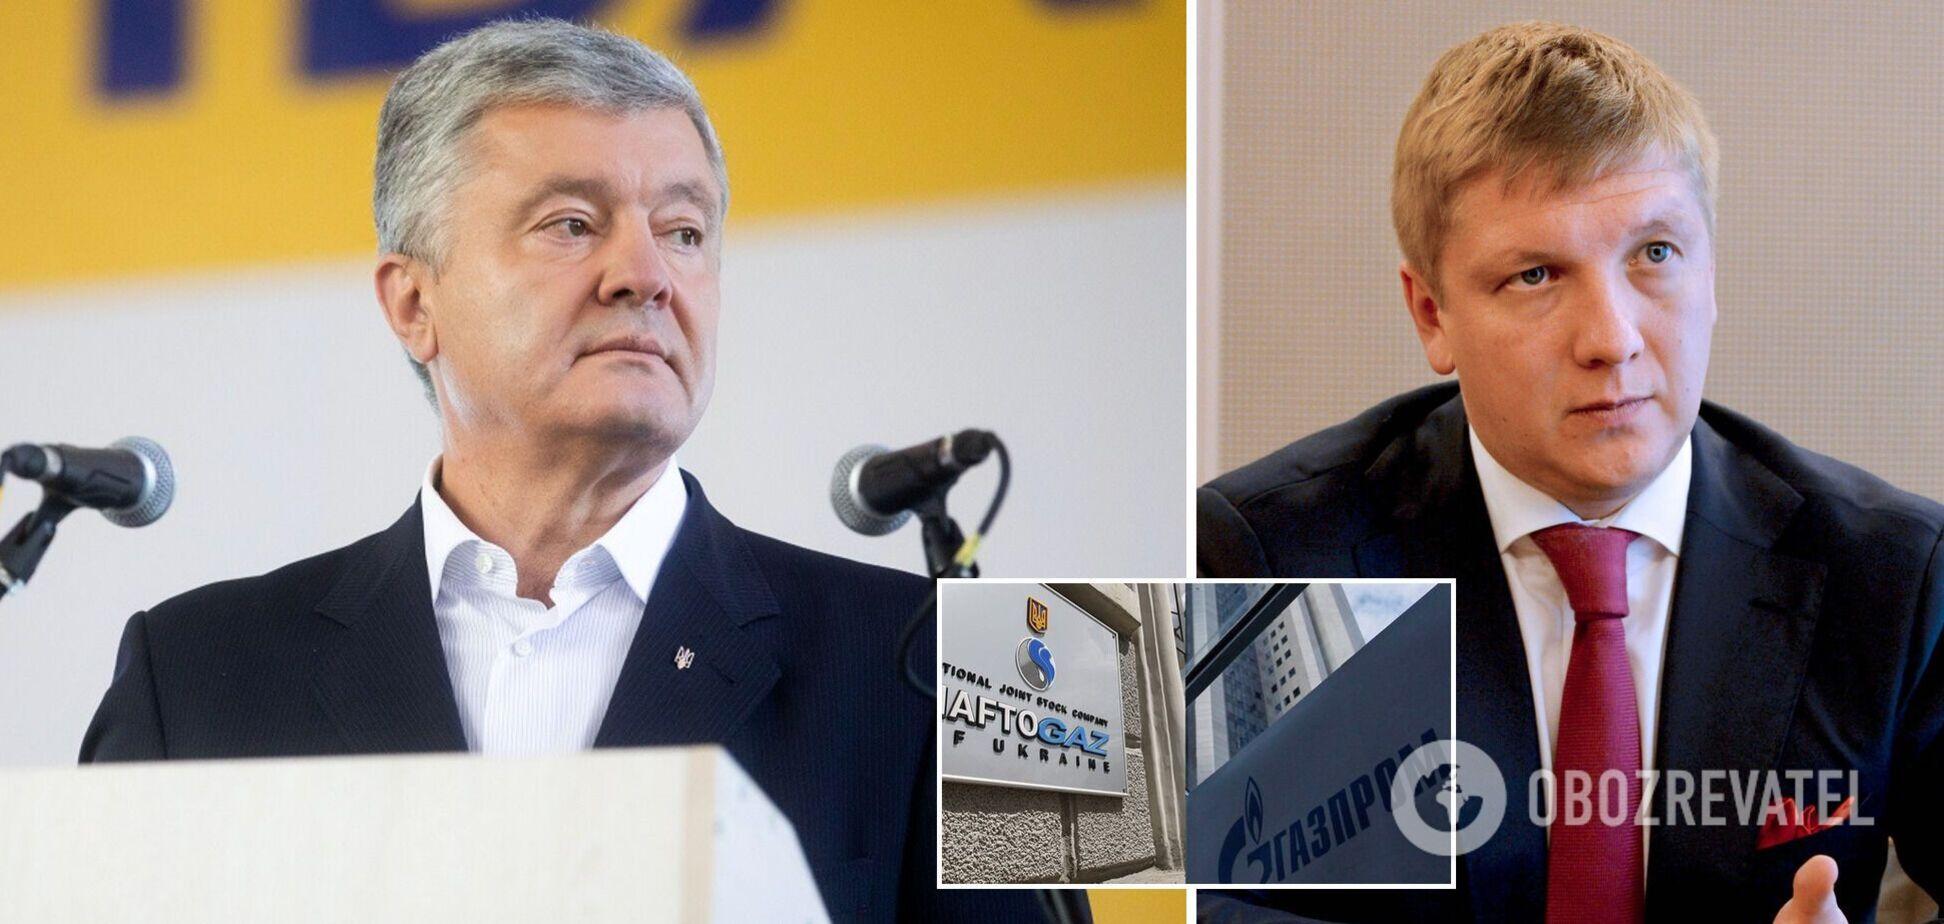 Коболев – о роли Порошенко в газовых переговорах 2014 года: действовал в интересах Украины